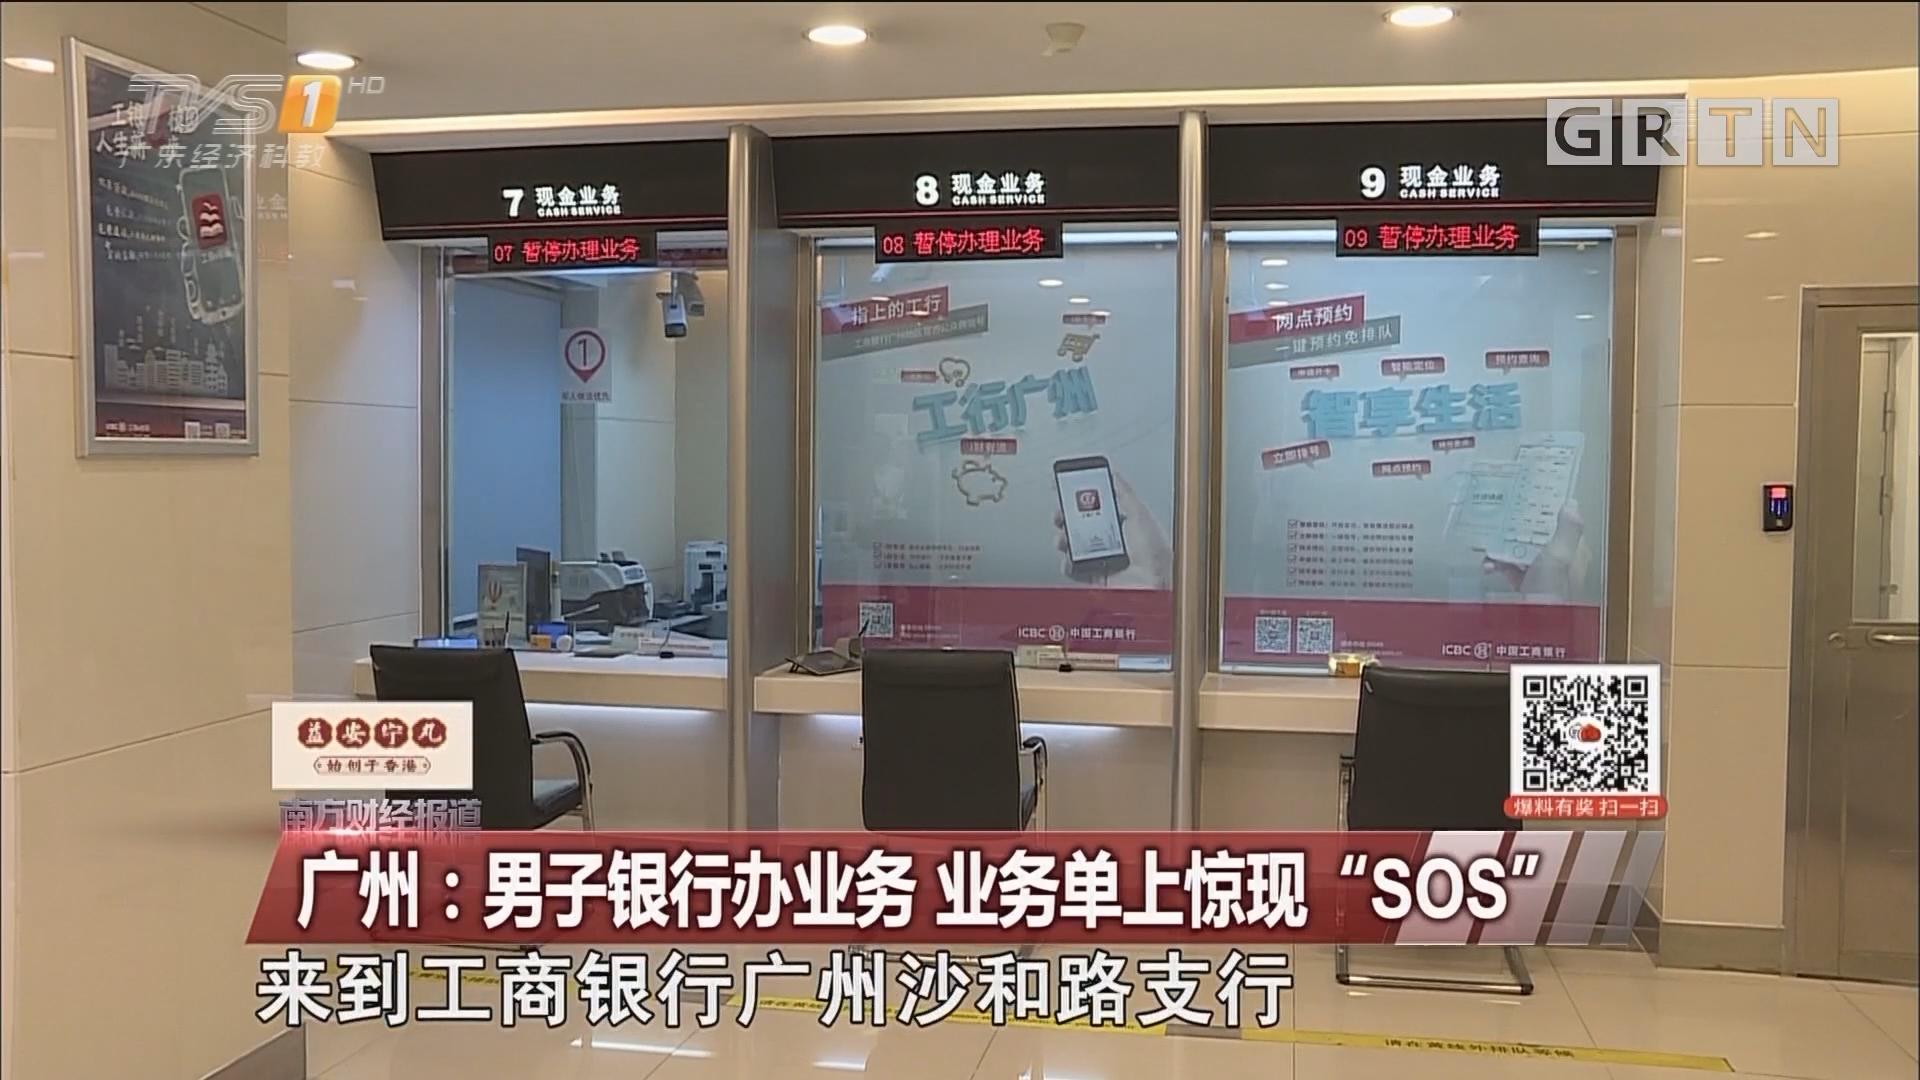 """广州:男子银行办业务 业务单上惊现""""SOS"""""""